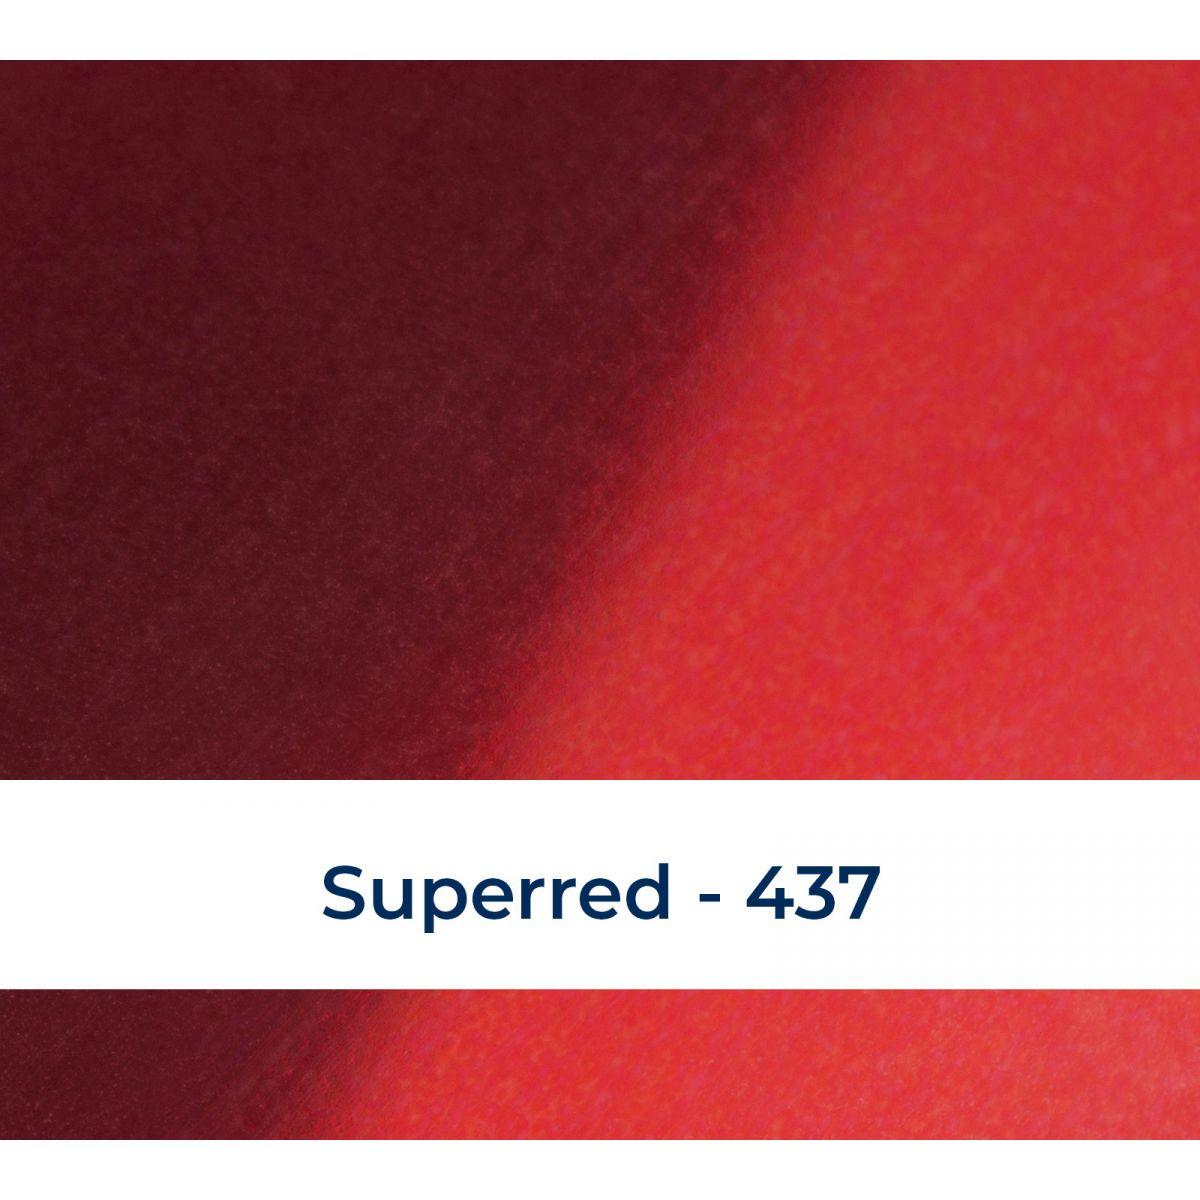 Metallic superred 437